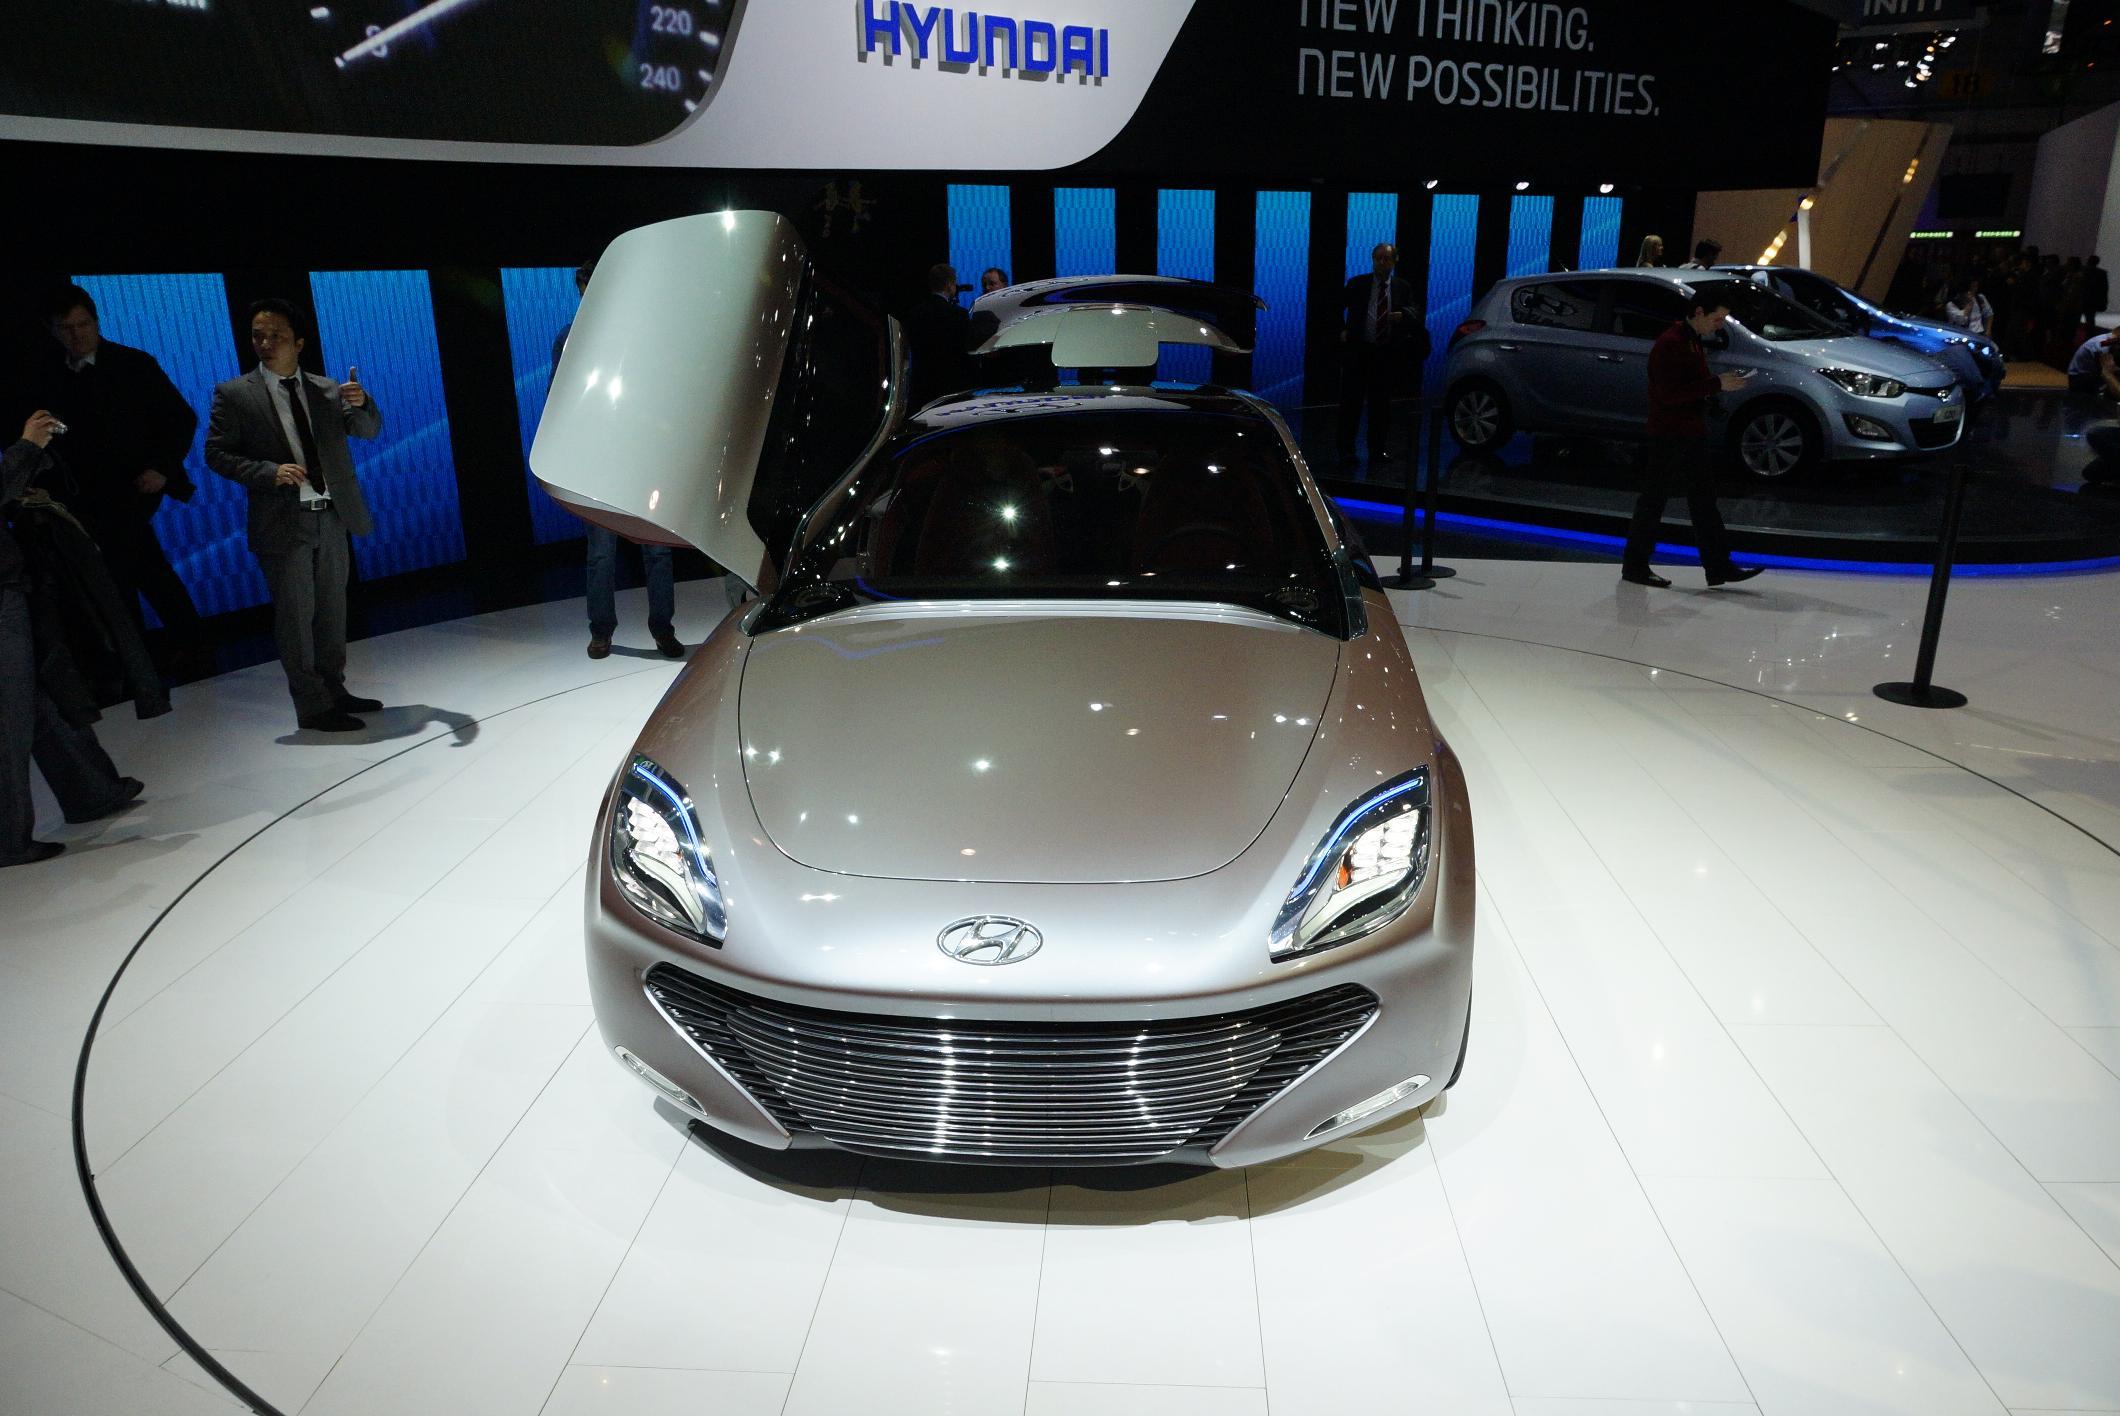 Hyundai i-oniq Geneva 2012 Front